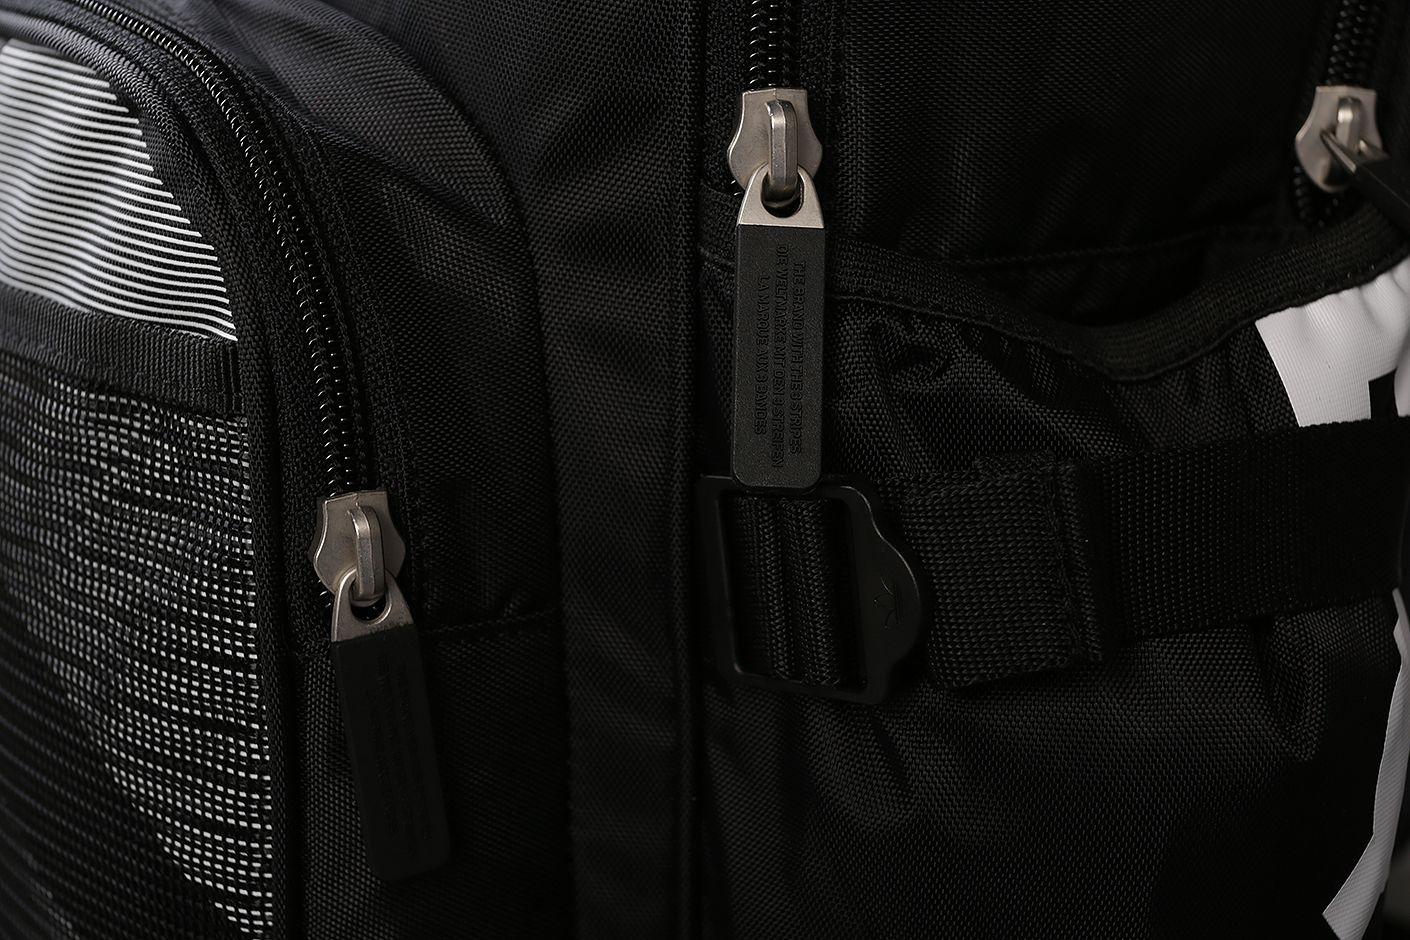 ae45cba95c Черный рюкзак Classic BP EQT от adidas Originals (BQ5825) по цене рублей